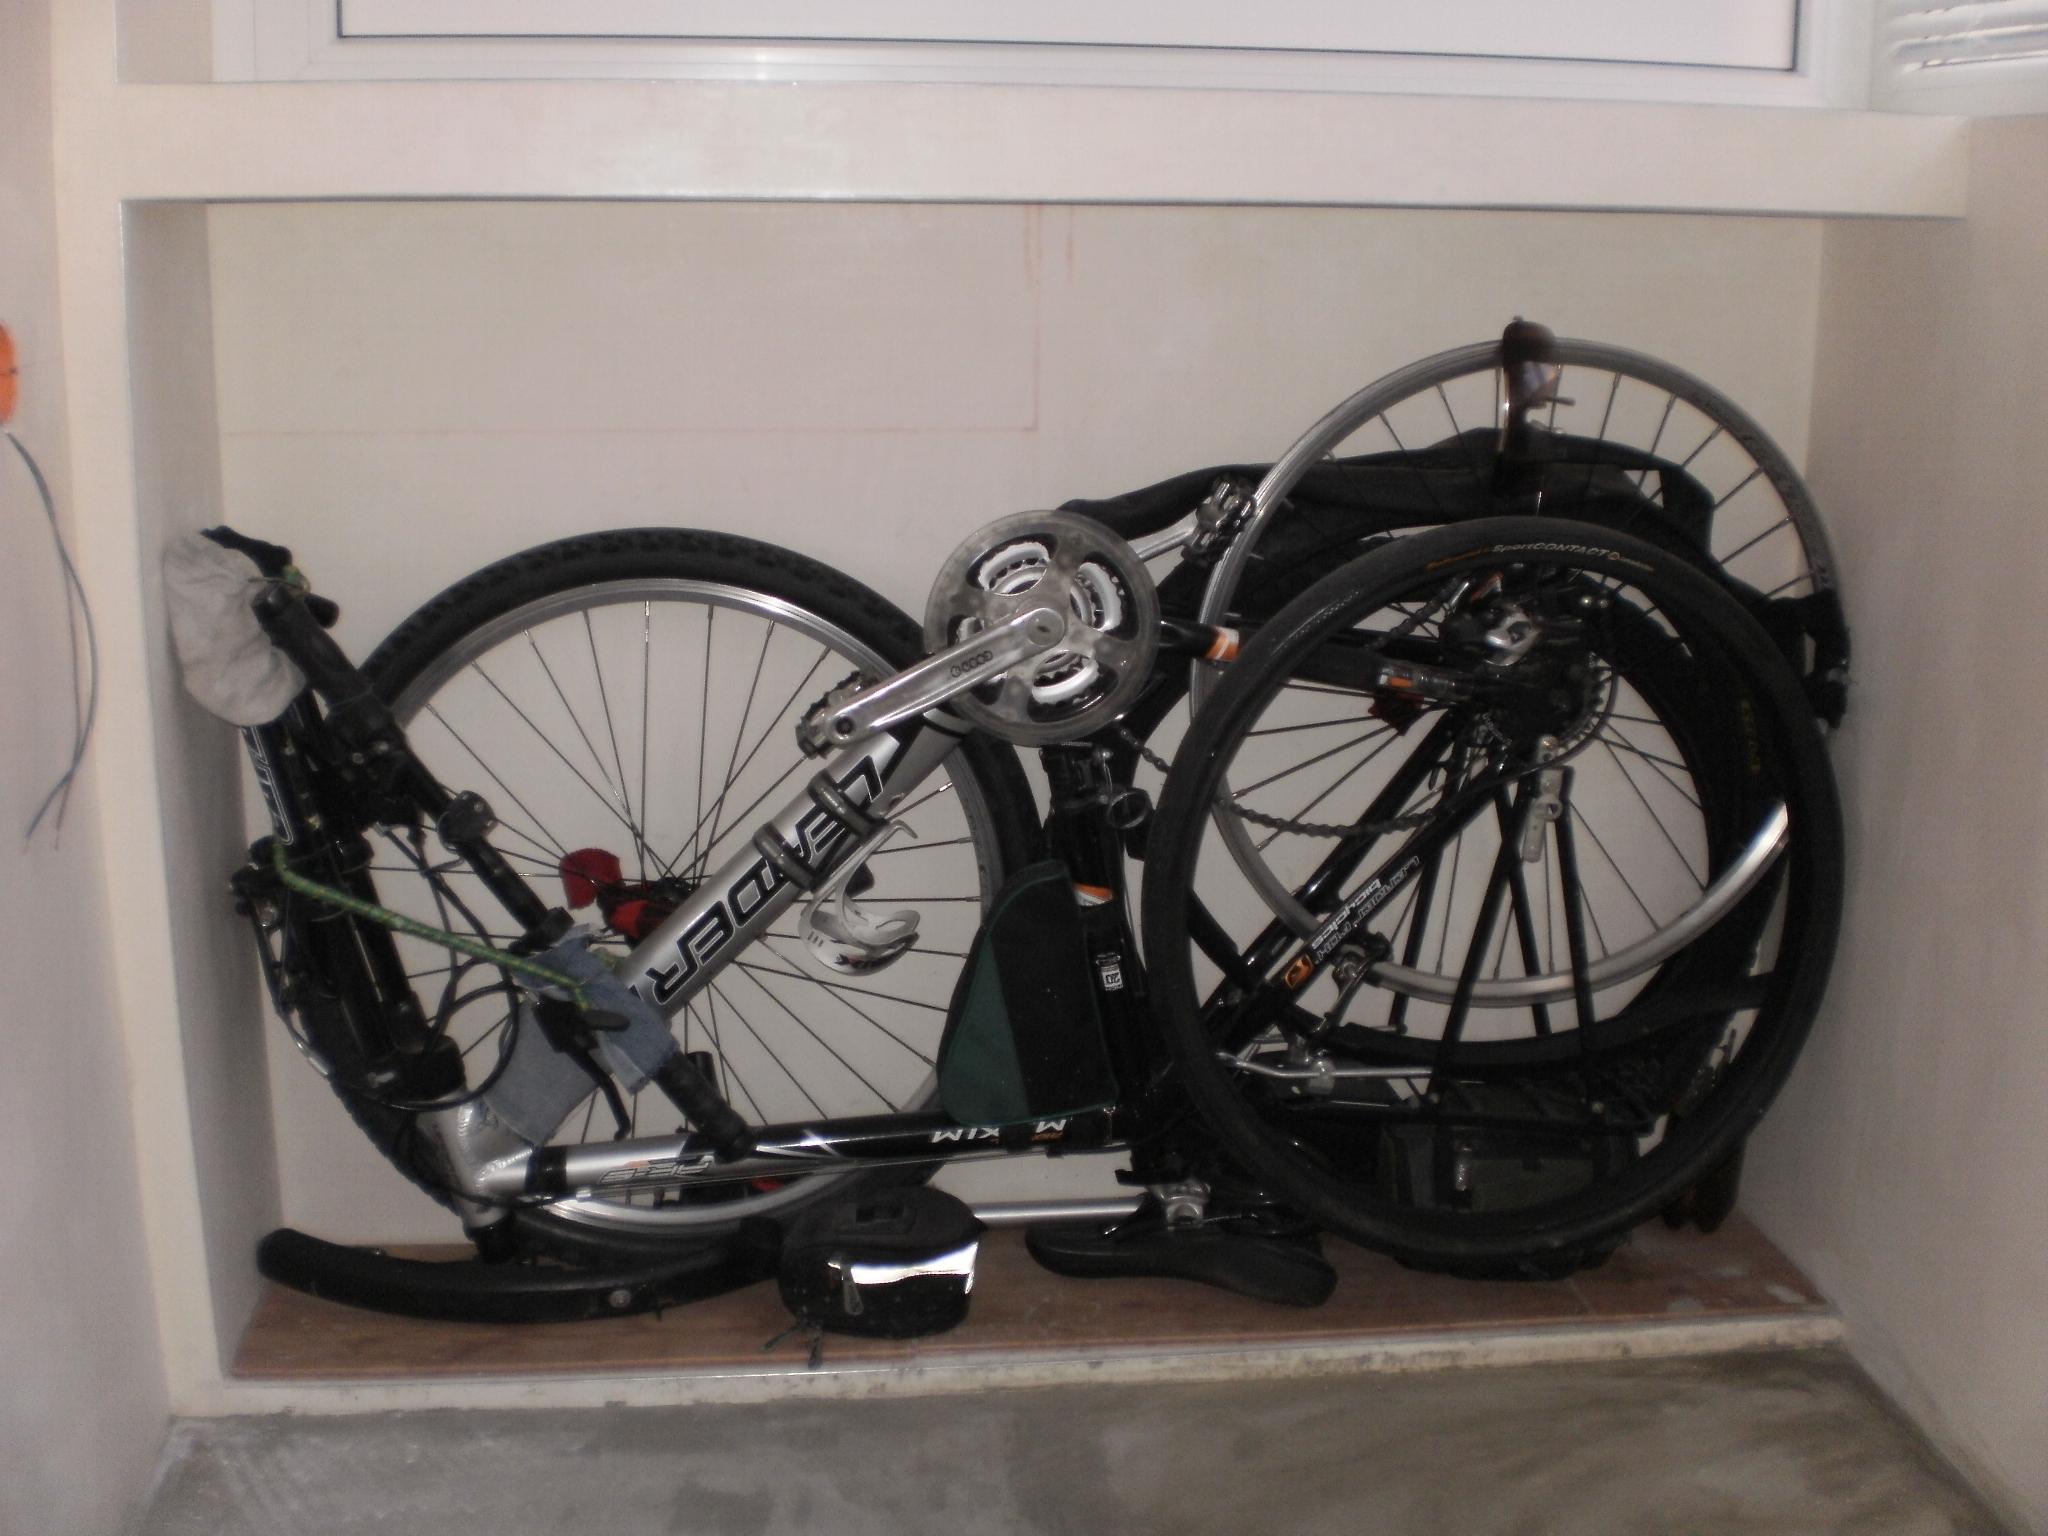 Хранение велосипеда на балконе: как разместить, можно ли хра.